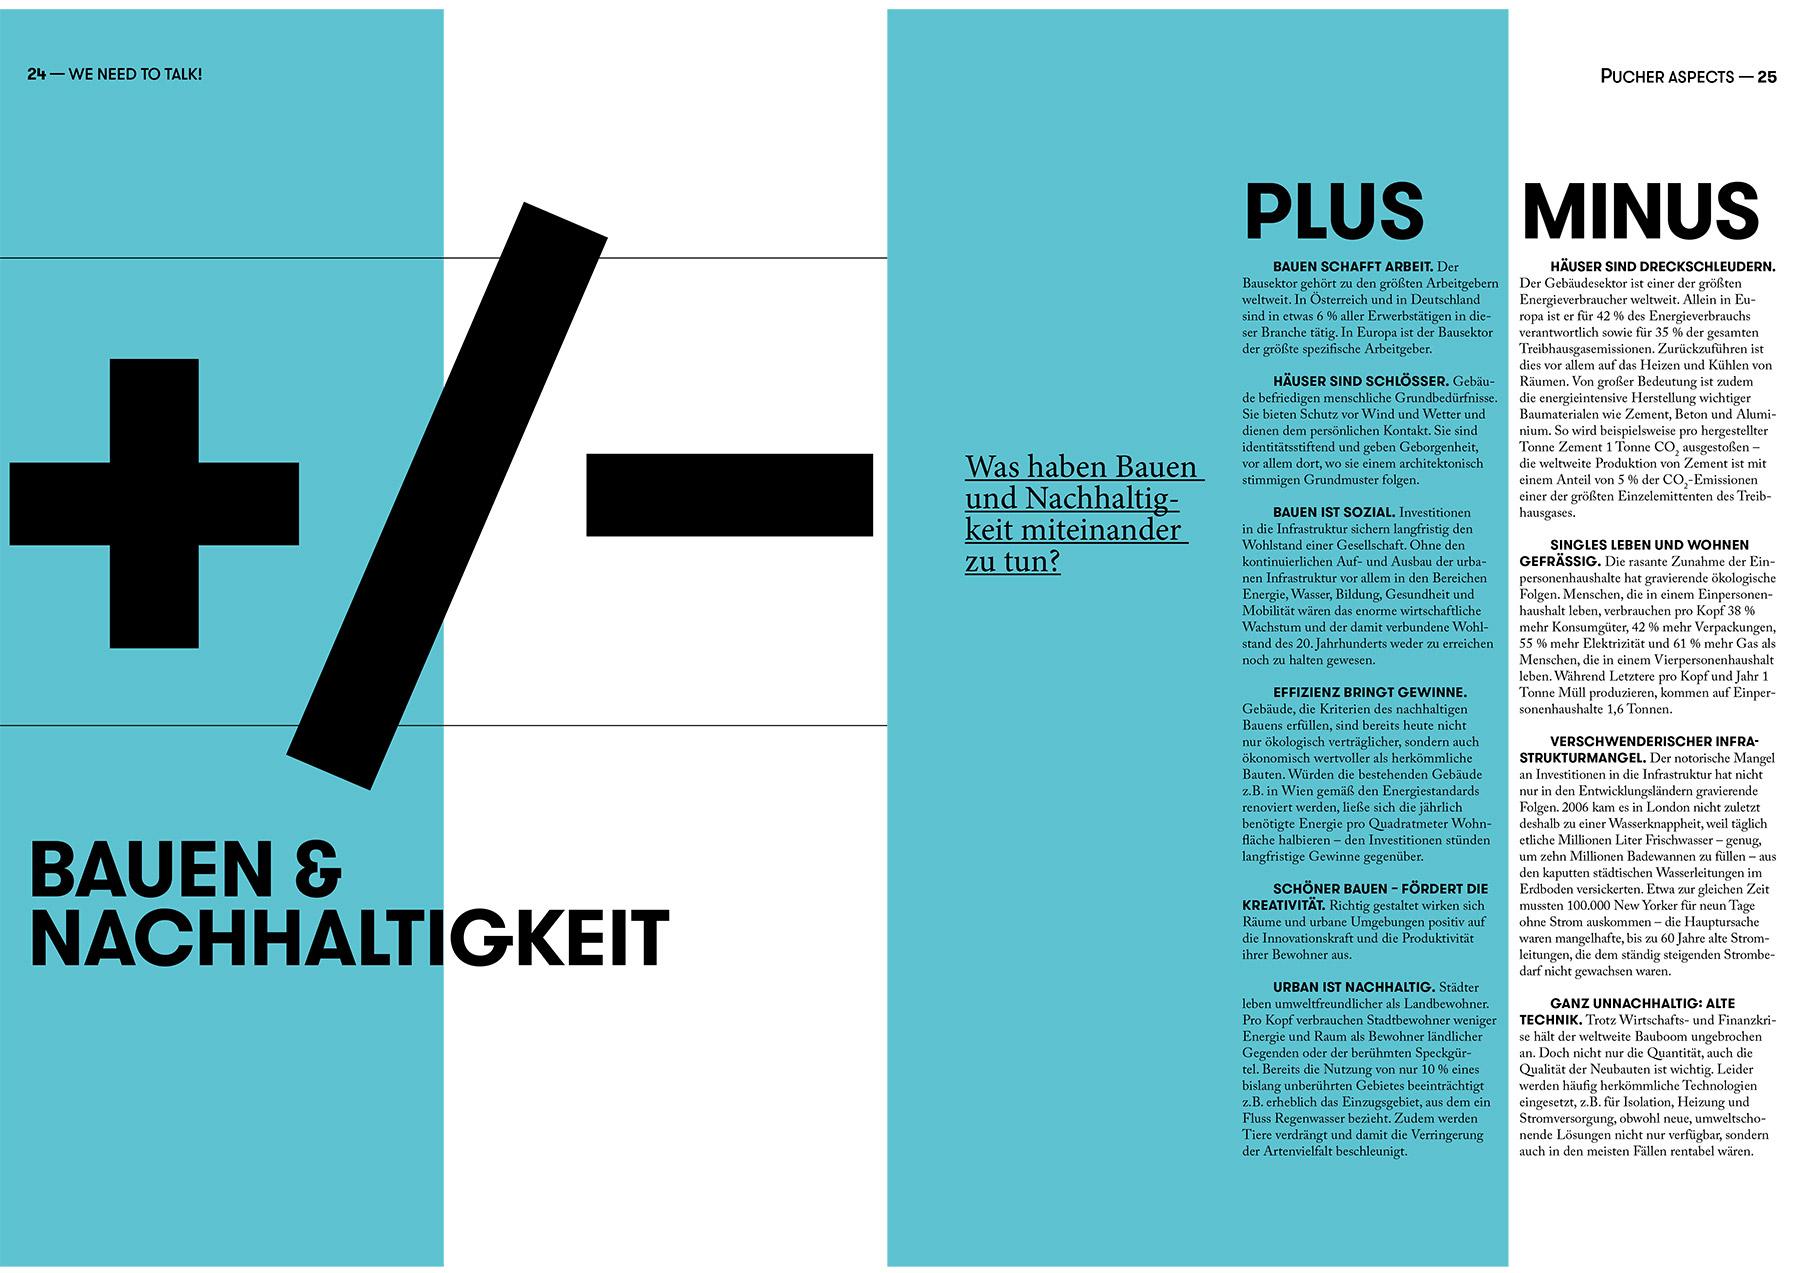 About_plus_minus_bauen_nachhaltigkeit_slide_01